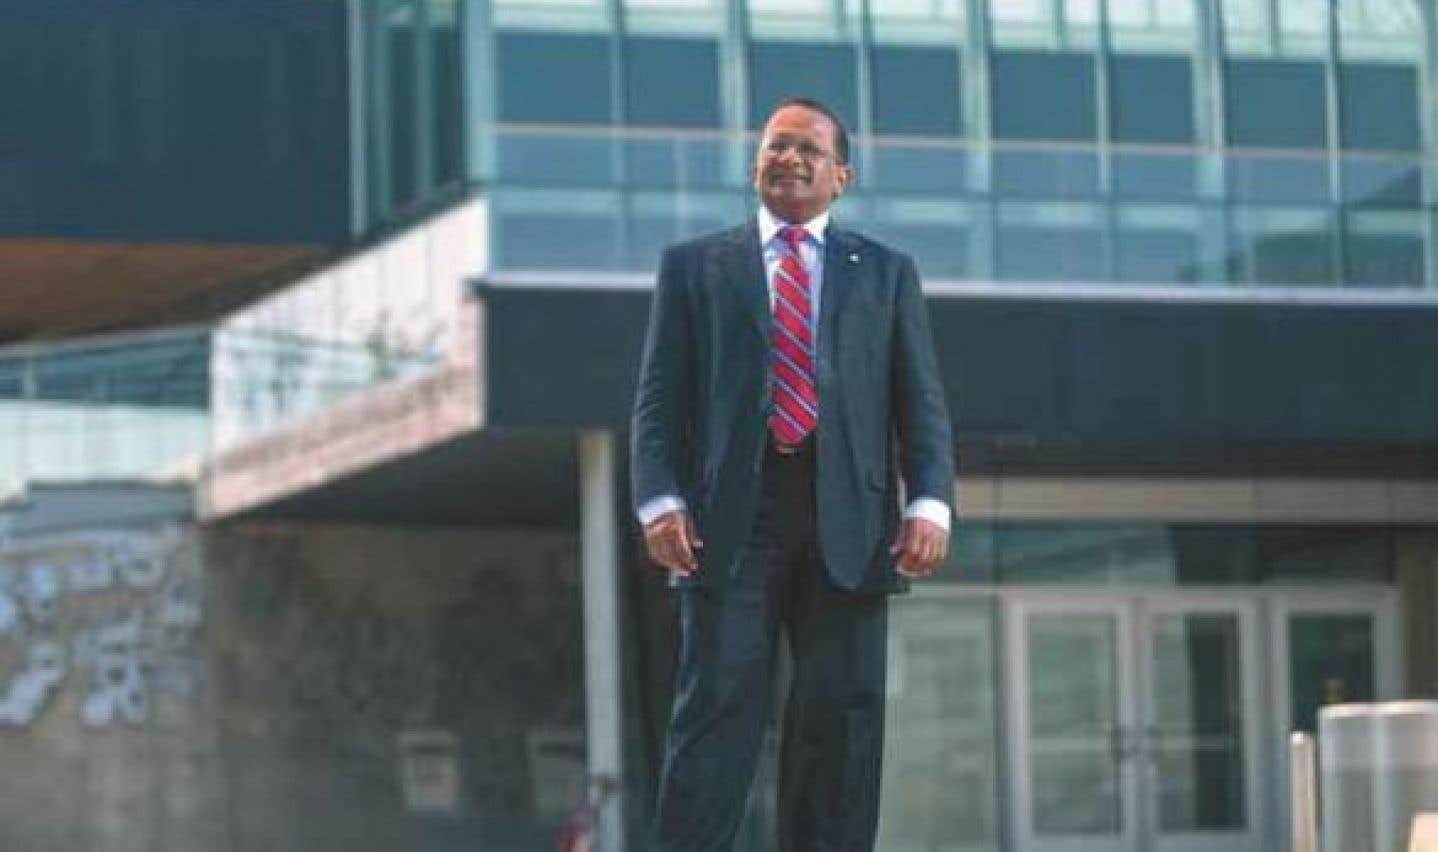 Maire de l'arrondissement depuis 2001, Alan DeSousa ressent un attachement profond pour le Vieux-Saint-Laurent.